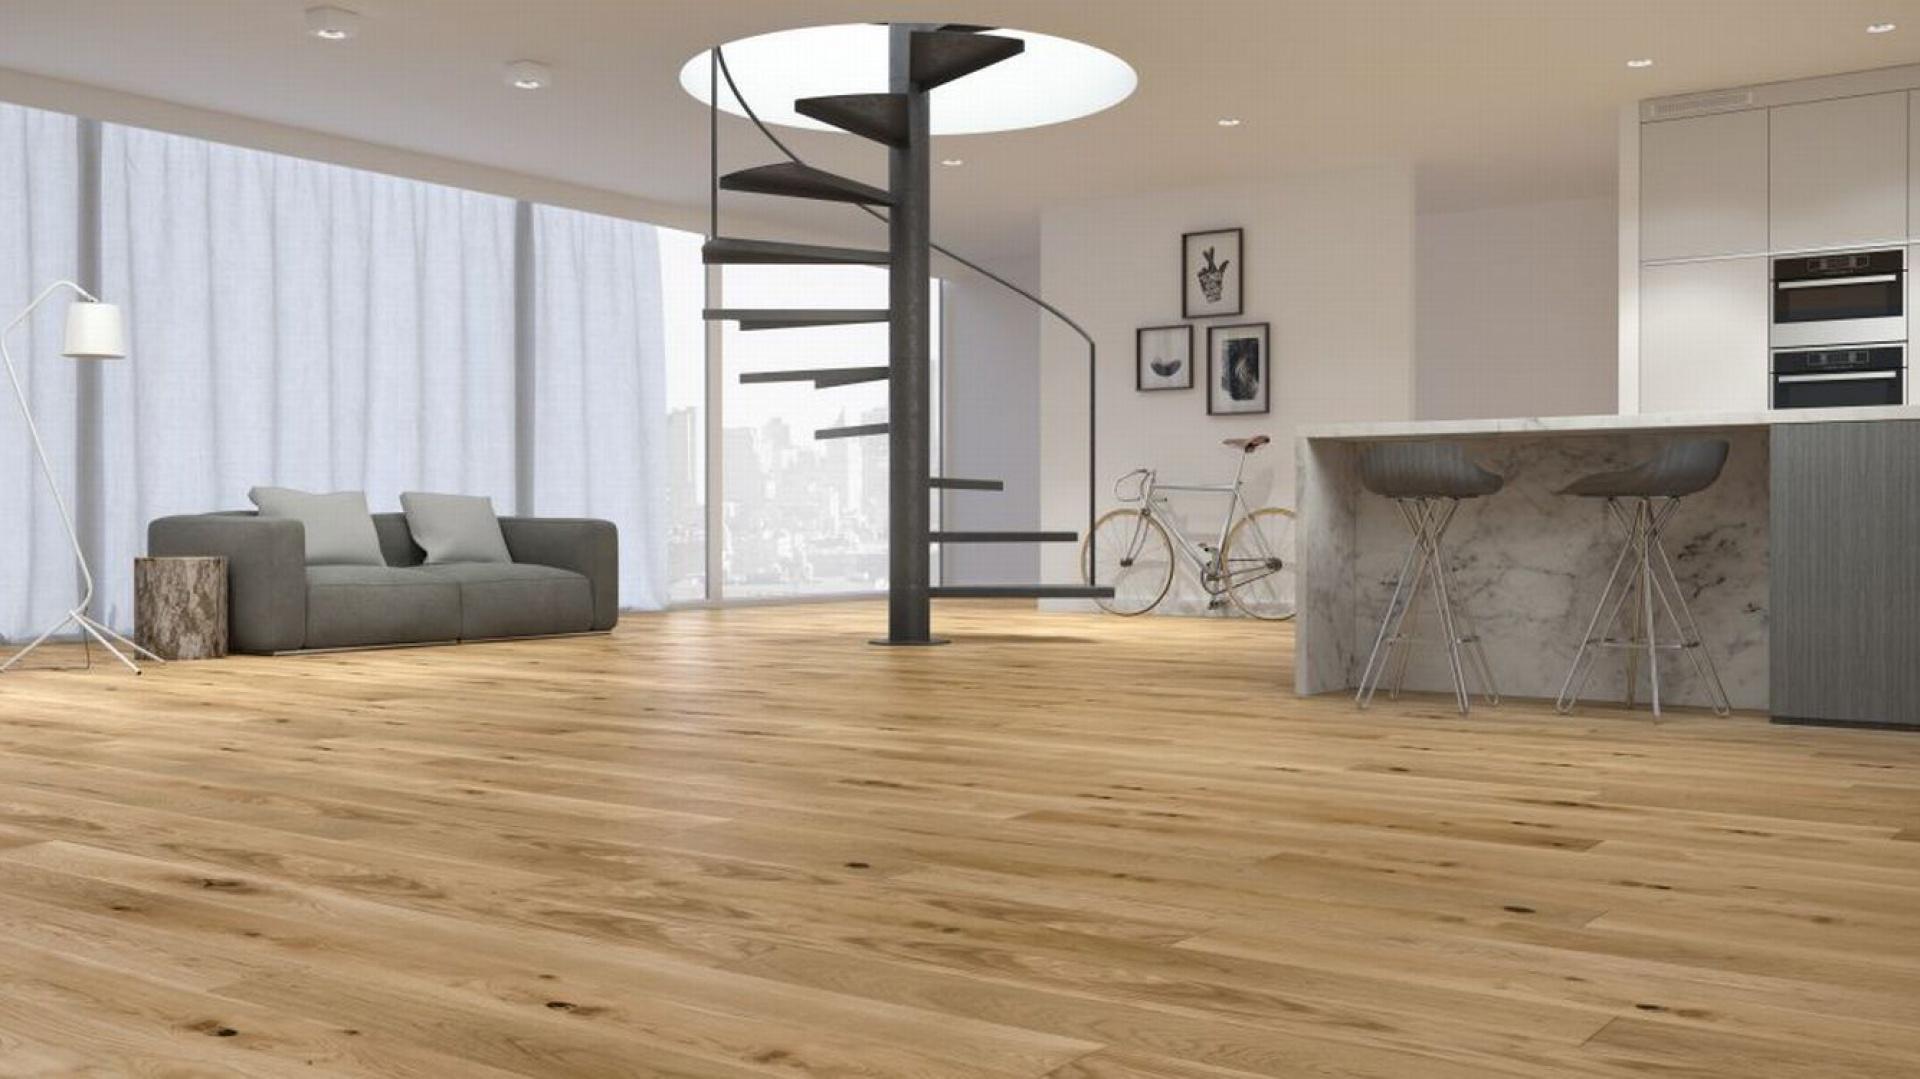 Fot. Baltic Wood